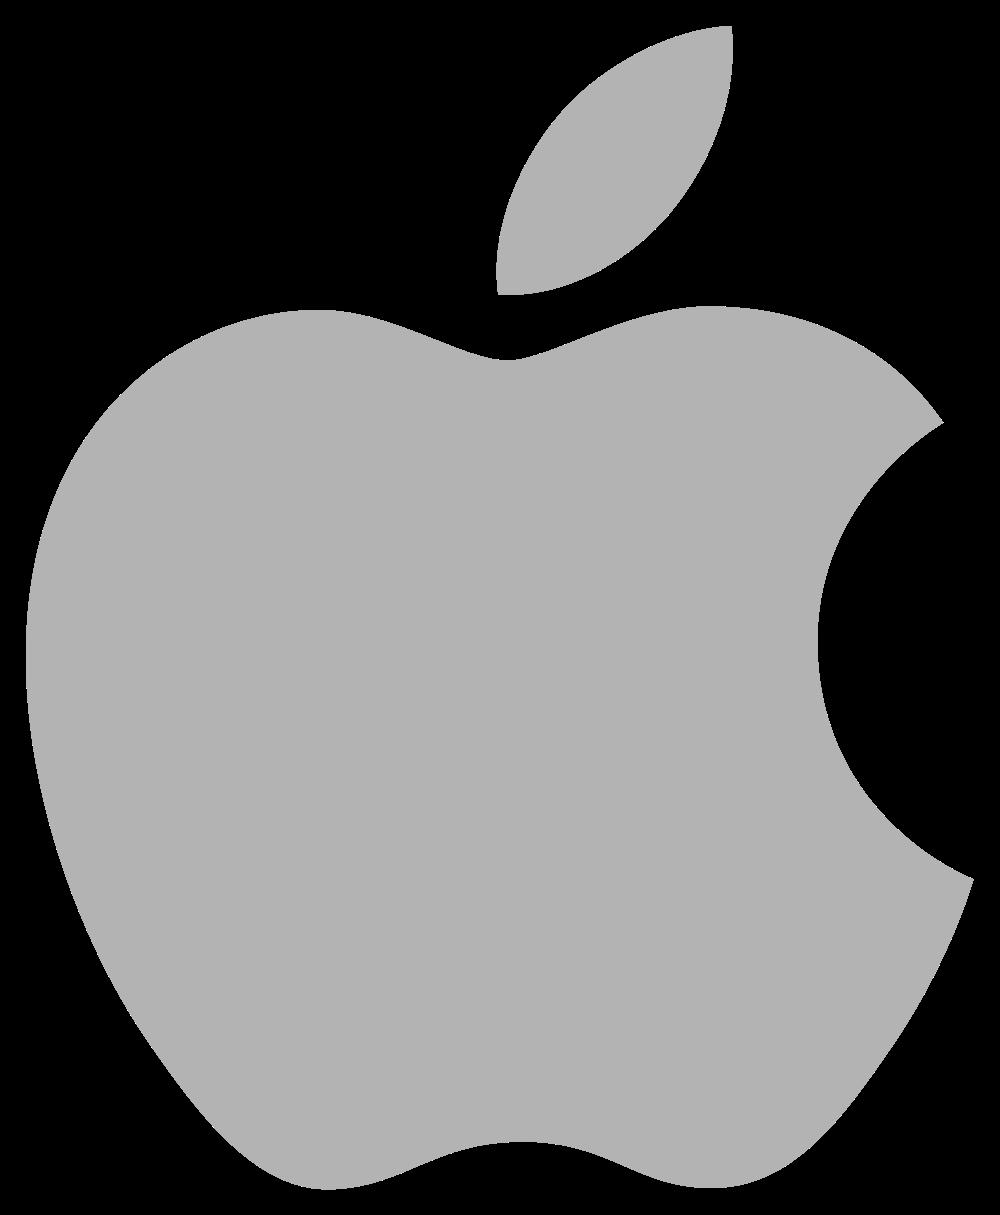 logo-apple-blanc-png-1